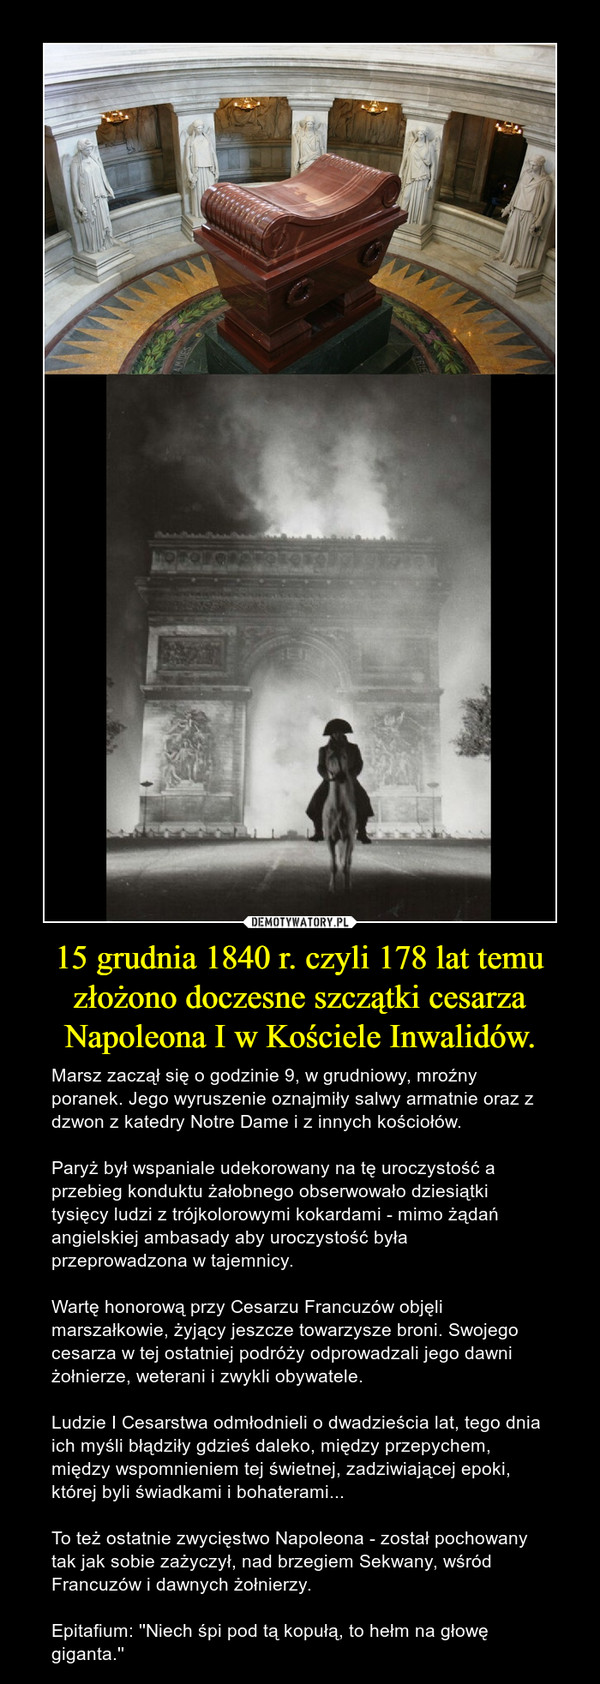 15 grudnia 1840 r. czyli 178 lat temu złożono doczesne szczątki cesarza Napoleona I w Kościele Inwalidów. – Marsz zaczął się o godzinie 9, w grudniowy, mroźny poranek. Jego wyruszenie oznajmiły salwy armatnie oraz z dzwon z katedry Notre Dame i z innych kościołów.Paryż był wspaniale udekorowany na tę uroczystość a przebieg konduktu żałobnego obserwowało dziesiątki tysięcy ludzi z trójkolorowymi kokardami - mimo żądań angielskiej ambasady aby uroczystość była przeprowadzona w tajemnicy.Wartę honorową przy Cesarzu Francuzów objęli marszałkowie, żyjący jeszcze towarzysze broni. Swojego cesarza w tej ostatniej podróży odprowadzali jego dawni żołnierze, weterani i zwykli obywatele.Ludzie I Cesarstwa odmłodnieli o dwadzieścia lat, tego dnia ich myśli błądziły gdzieś daleko, między przepychem, między wspomnieniem tej świetnej, zadziwiającej epoki, której byli świadkami i bohaterami...To też ostatnie zwycięstwo Napoleona - został pochowany tak jak sobie zażyczył, nad brzegiem Sekwany, wśród Francuzów i dawnych żołnierzy.Epitafium: ''Niech śpi pod tą kopułą, to hełm na głowę giganta.''